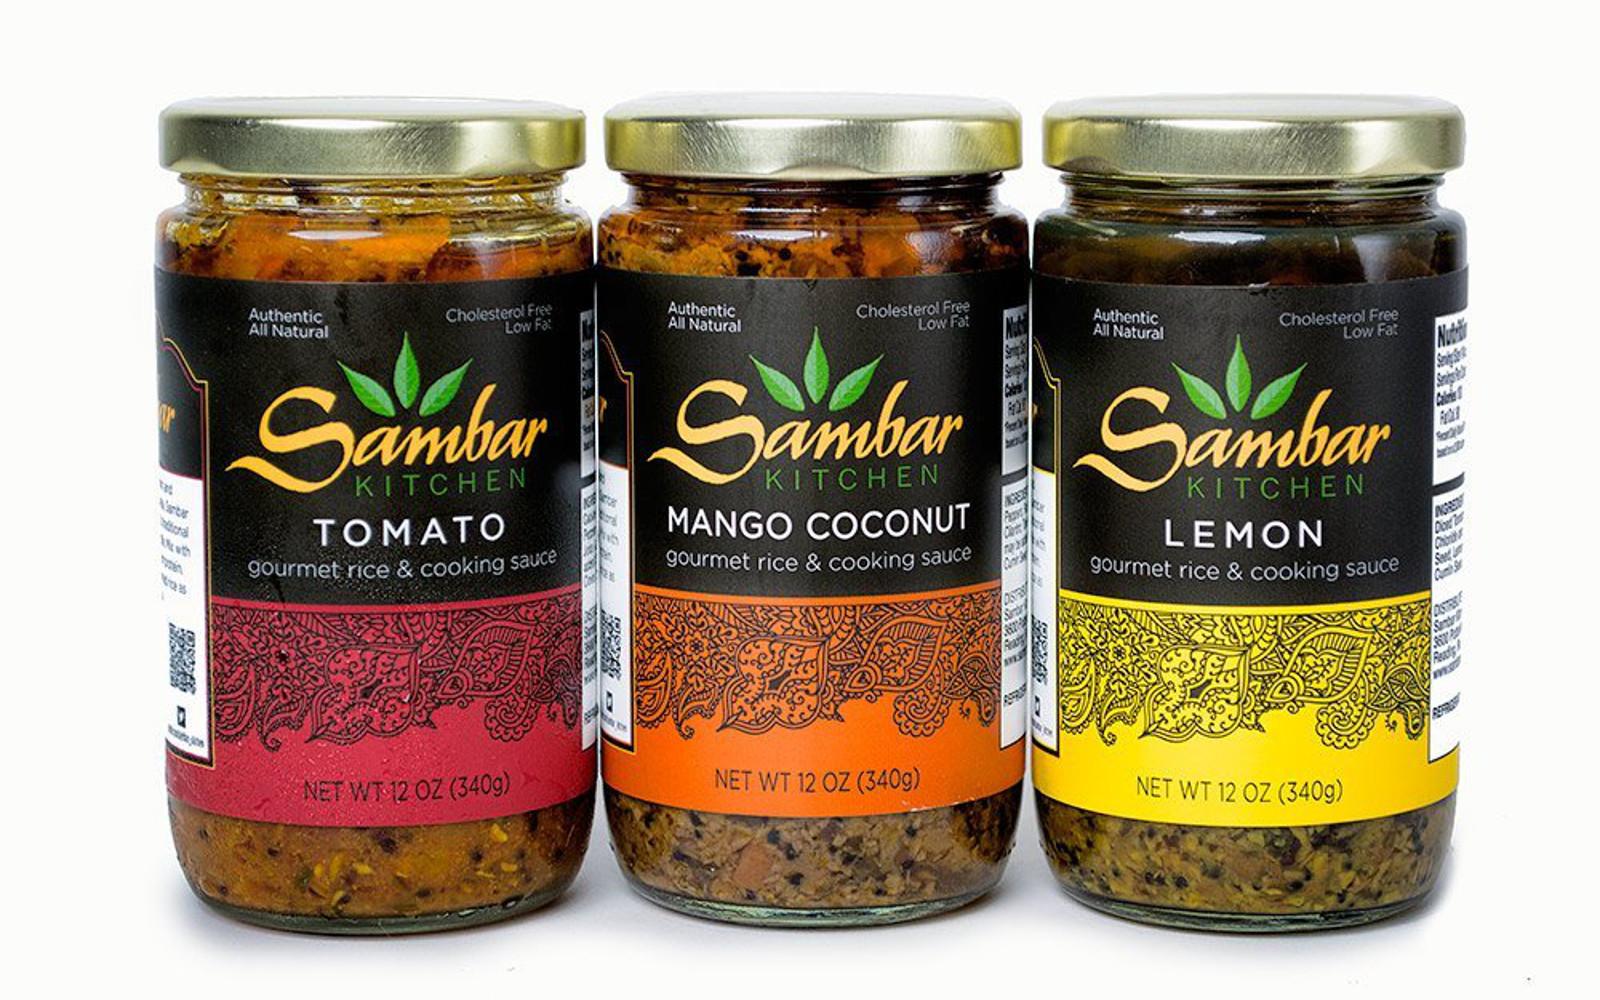 Sambar Kitchen Gourmet Rice and Cooking Sauce.jpg